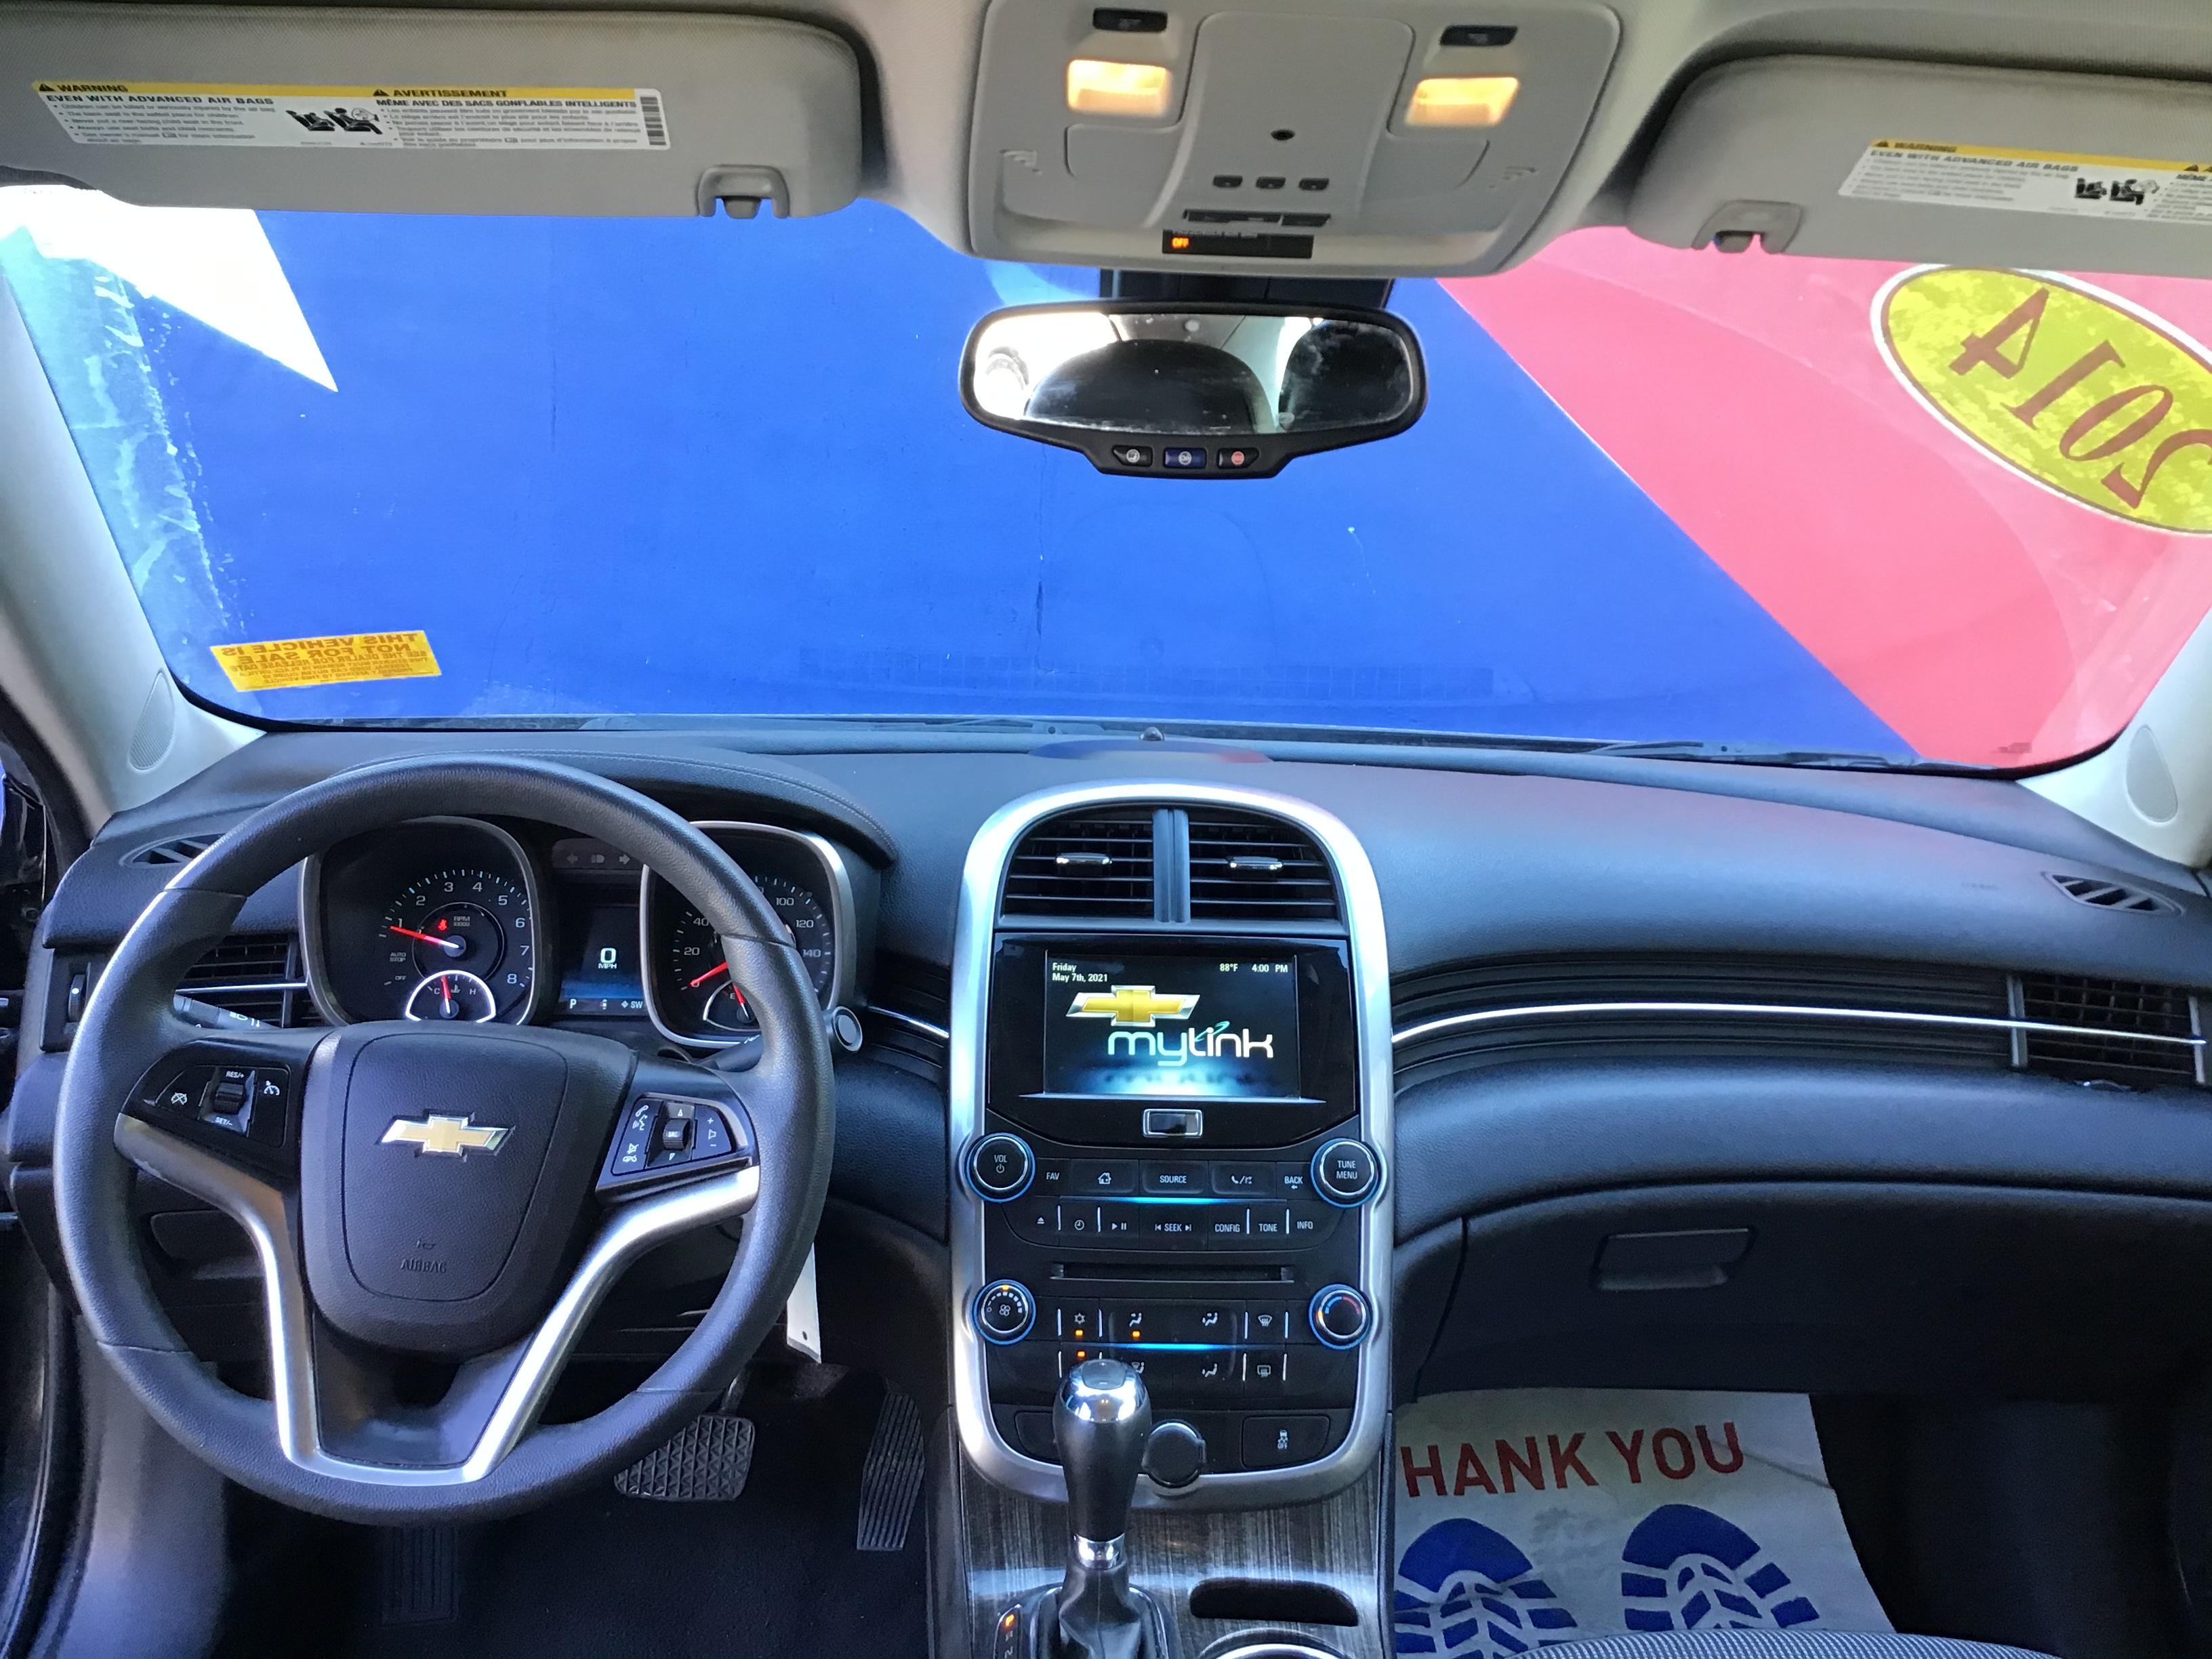 used vehicle - Sedan CHEVROLET MALIBU 2014